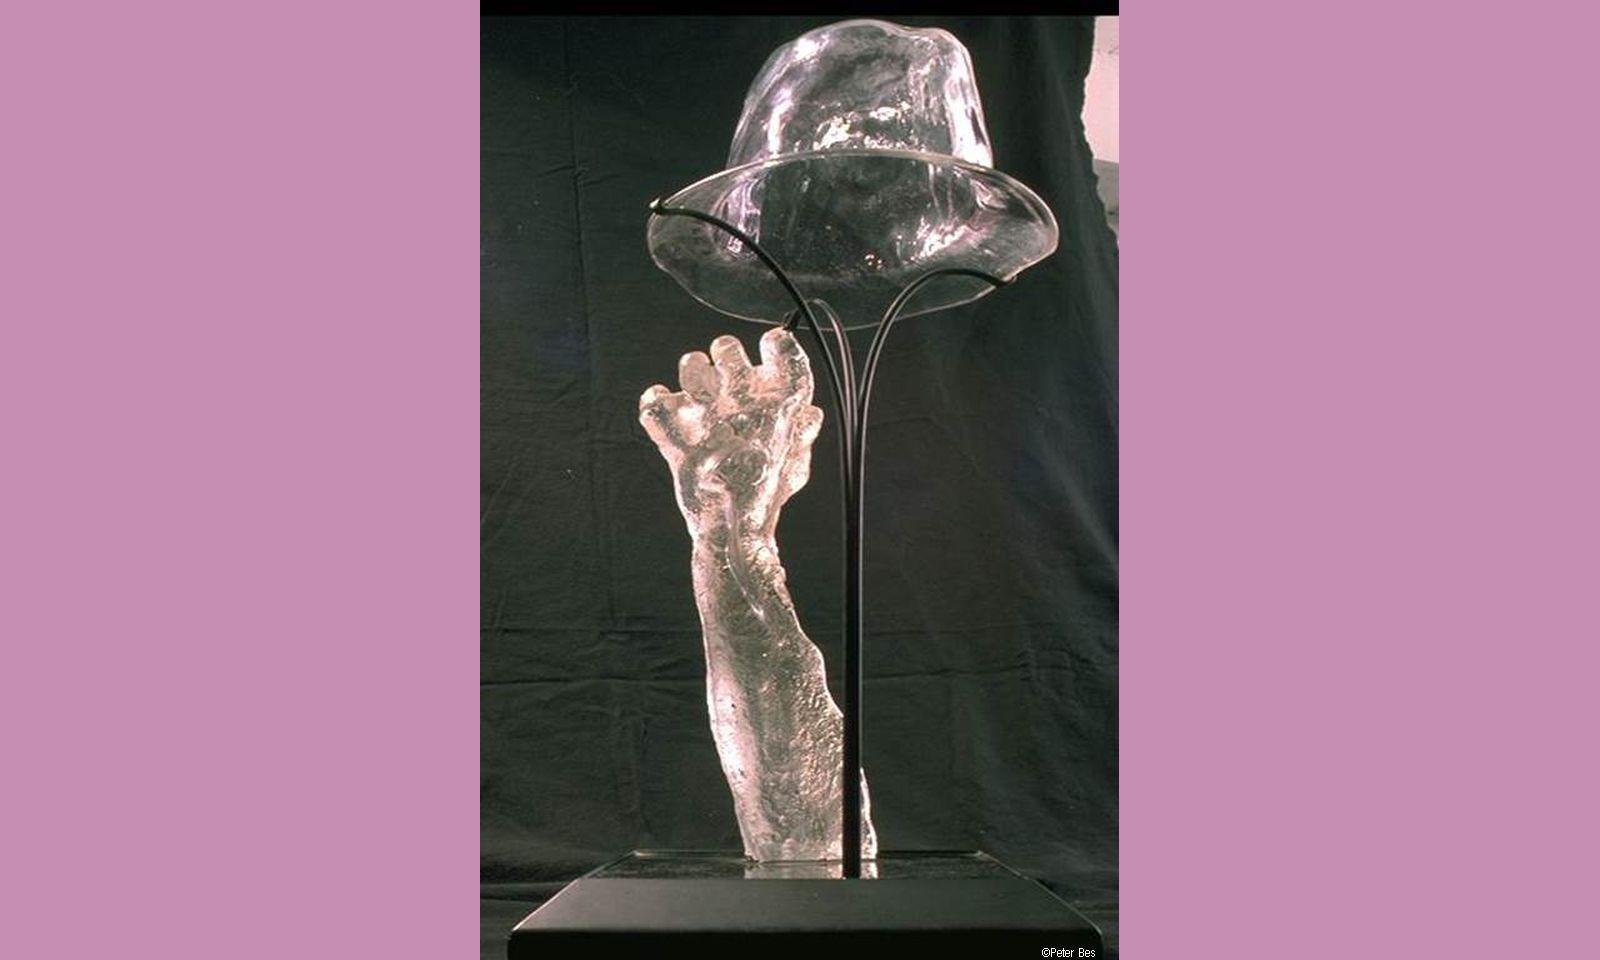 Peter Bes - Gegoten en geblazen glas 02b